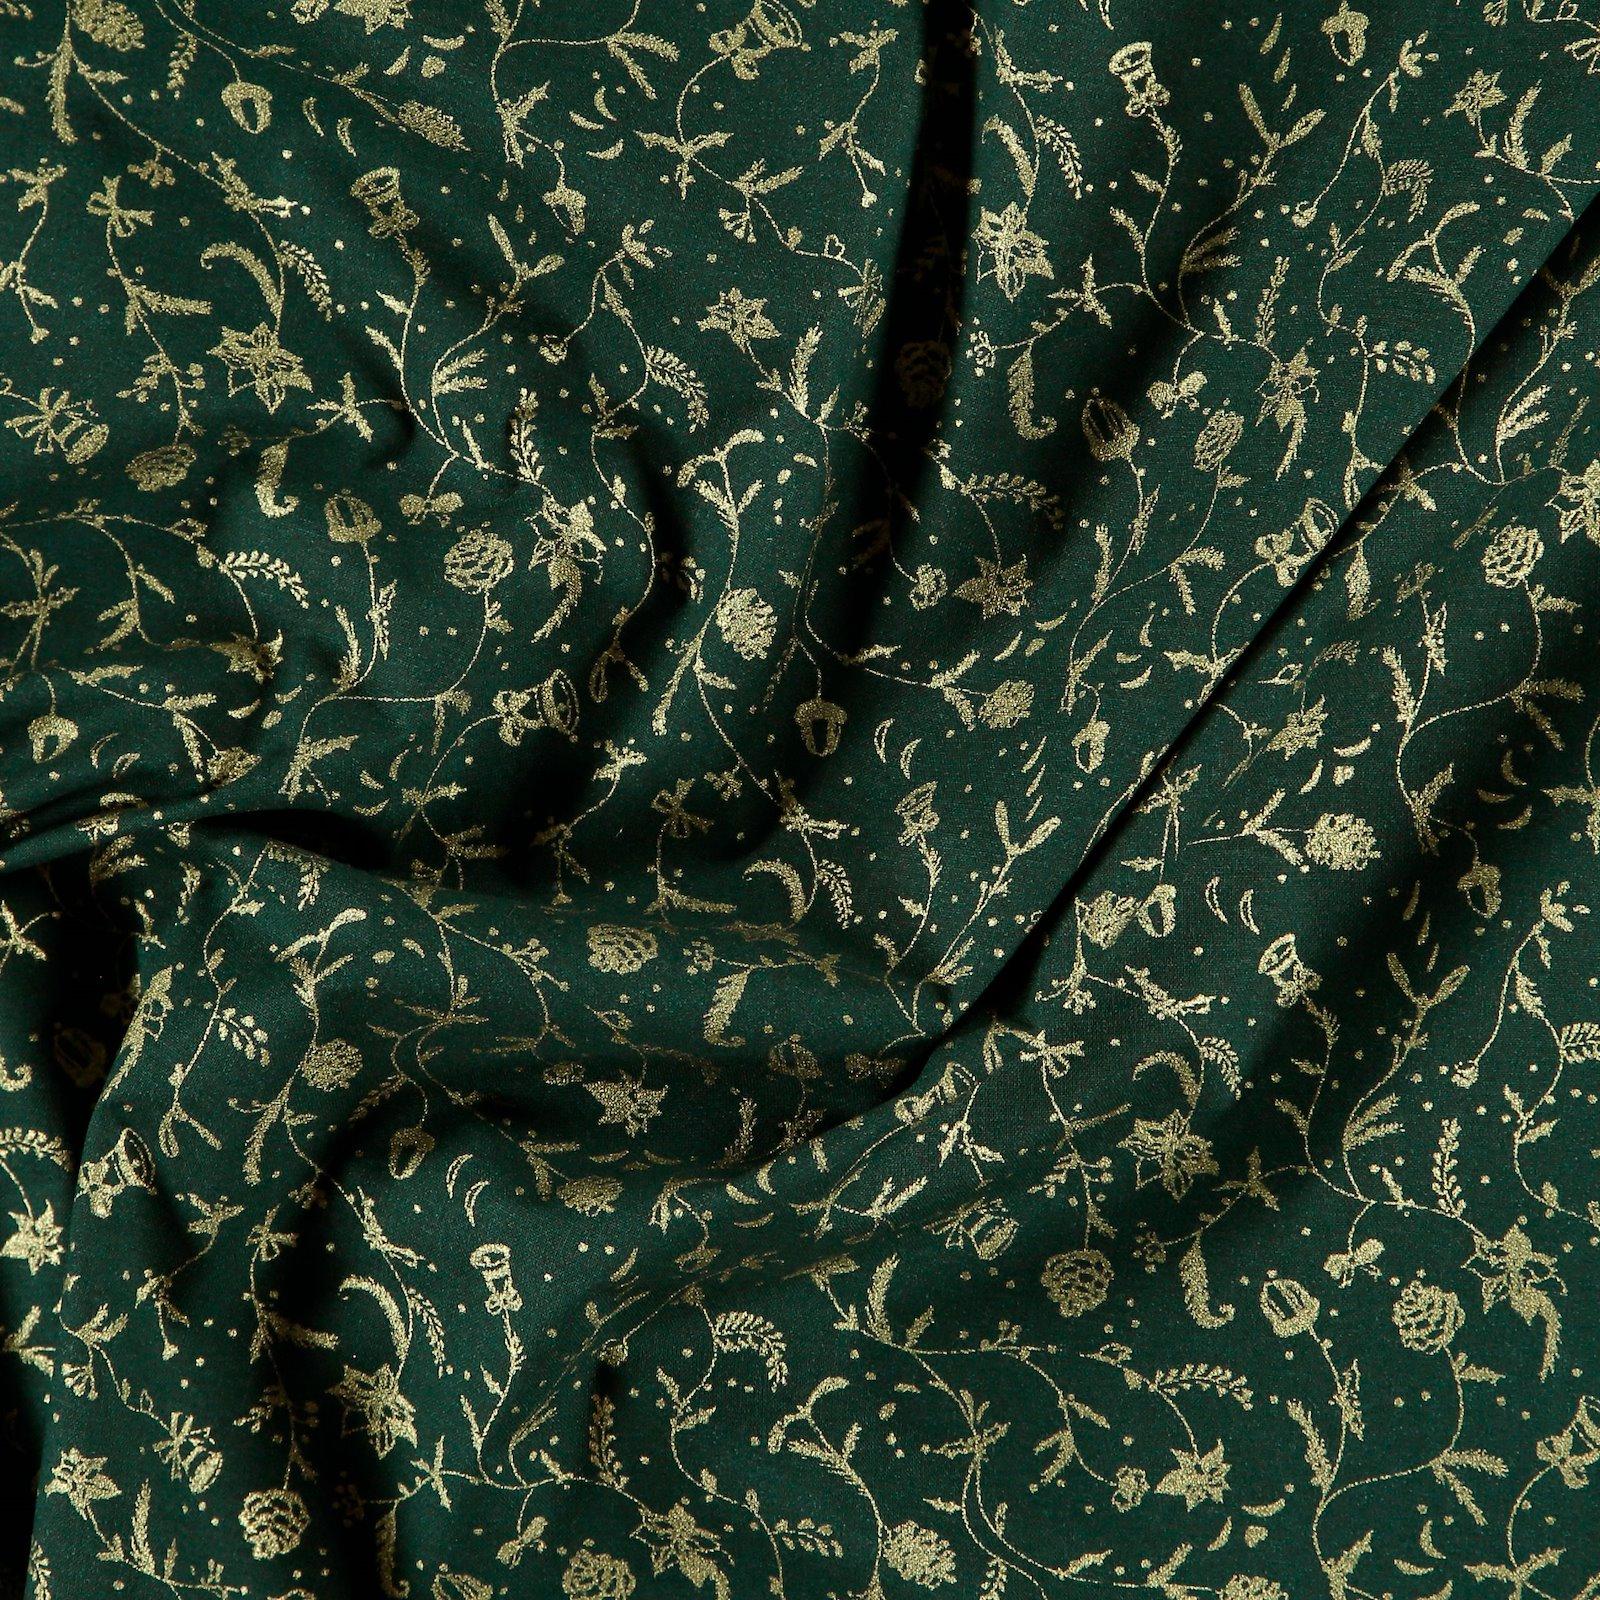 Baumwolle, Flaschengrün, Weihnachtsprint 790140_pack